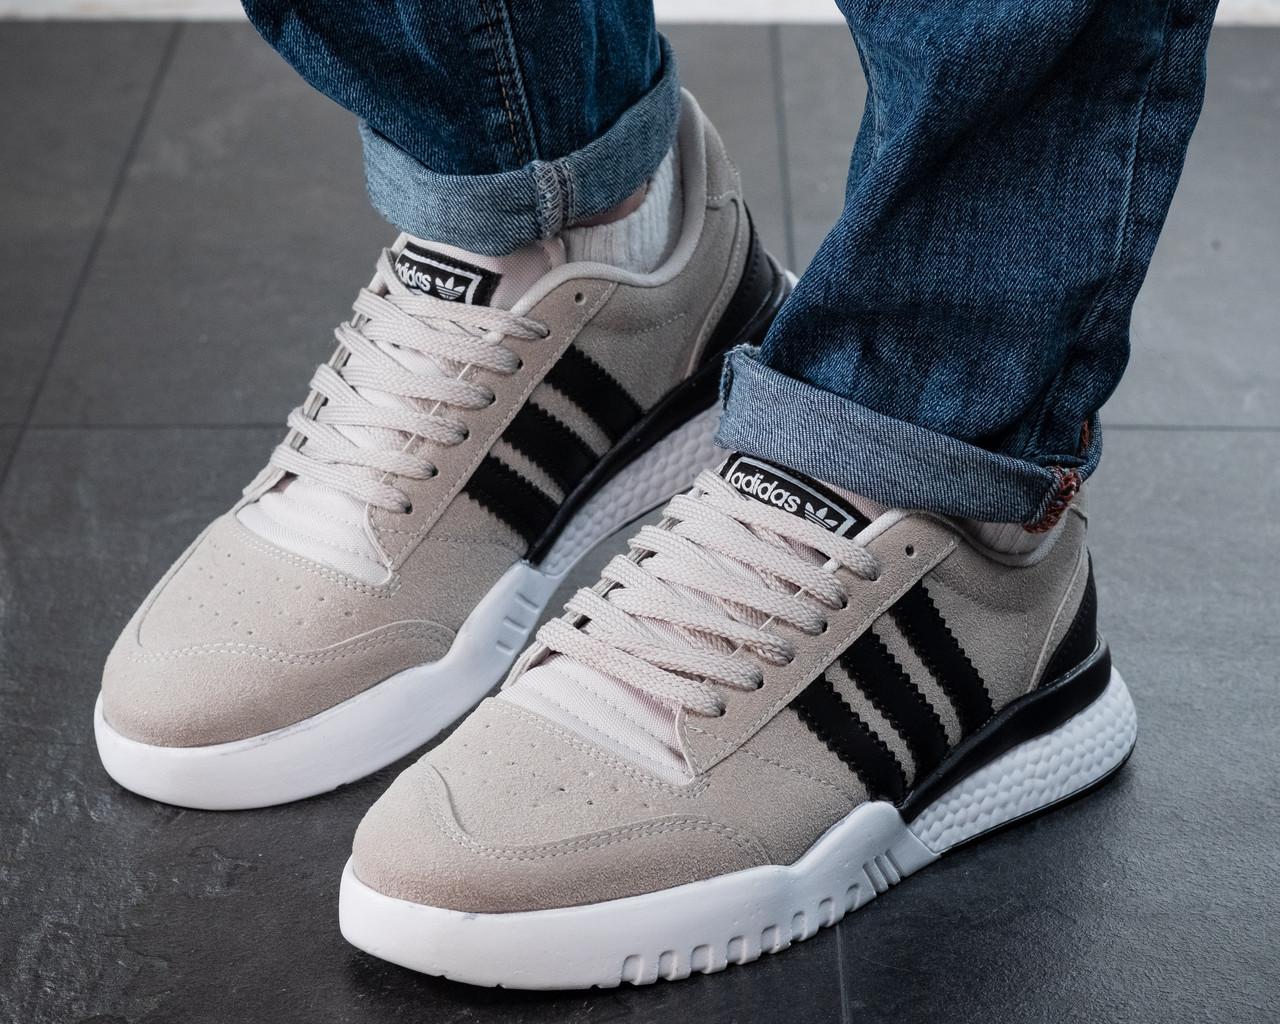 Мужские кроссовки Adidas Neo Серые Замшевые, Реплика